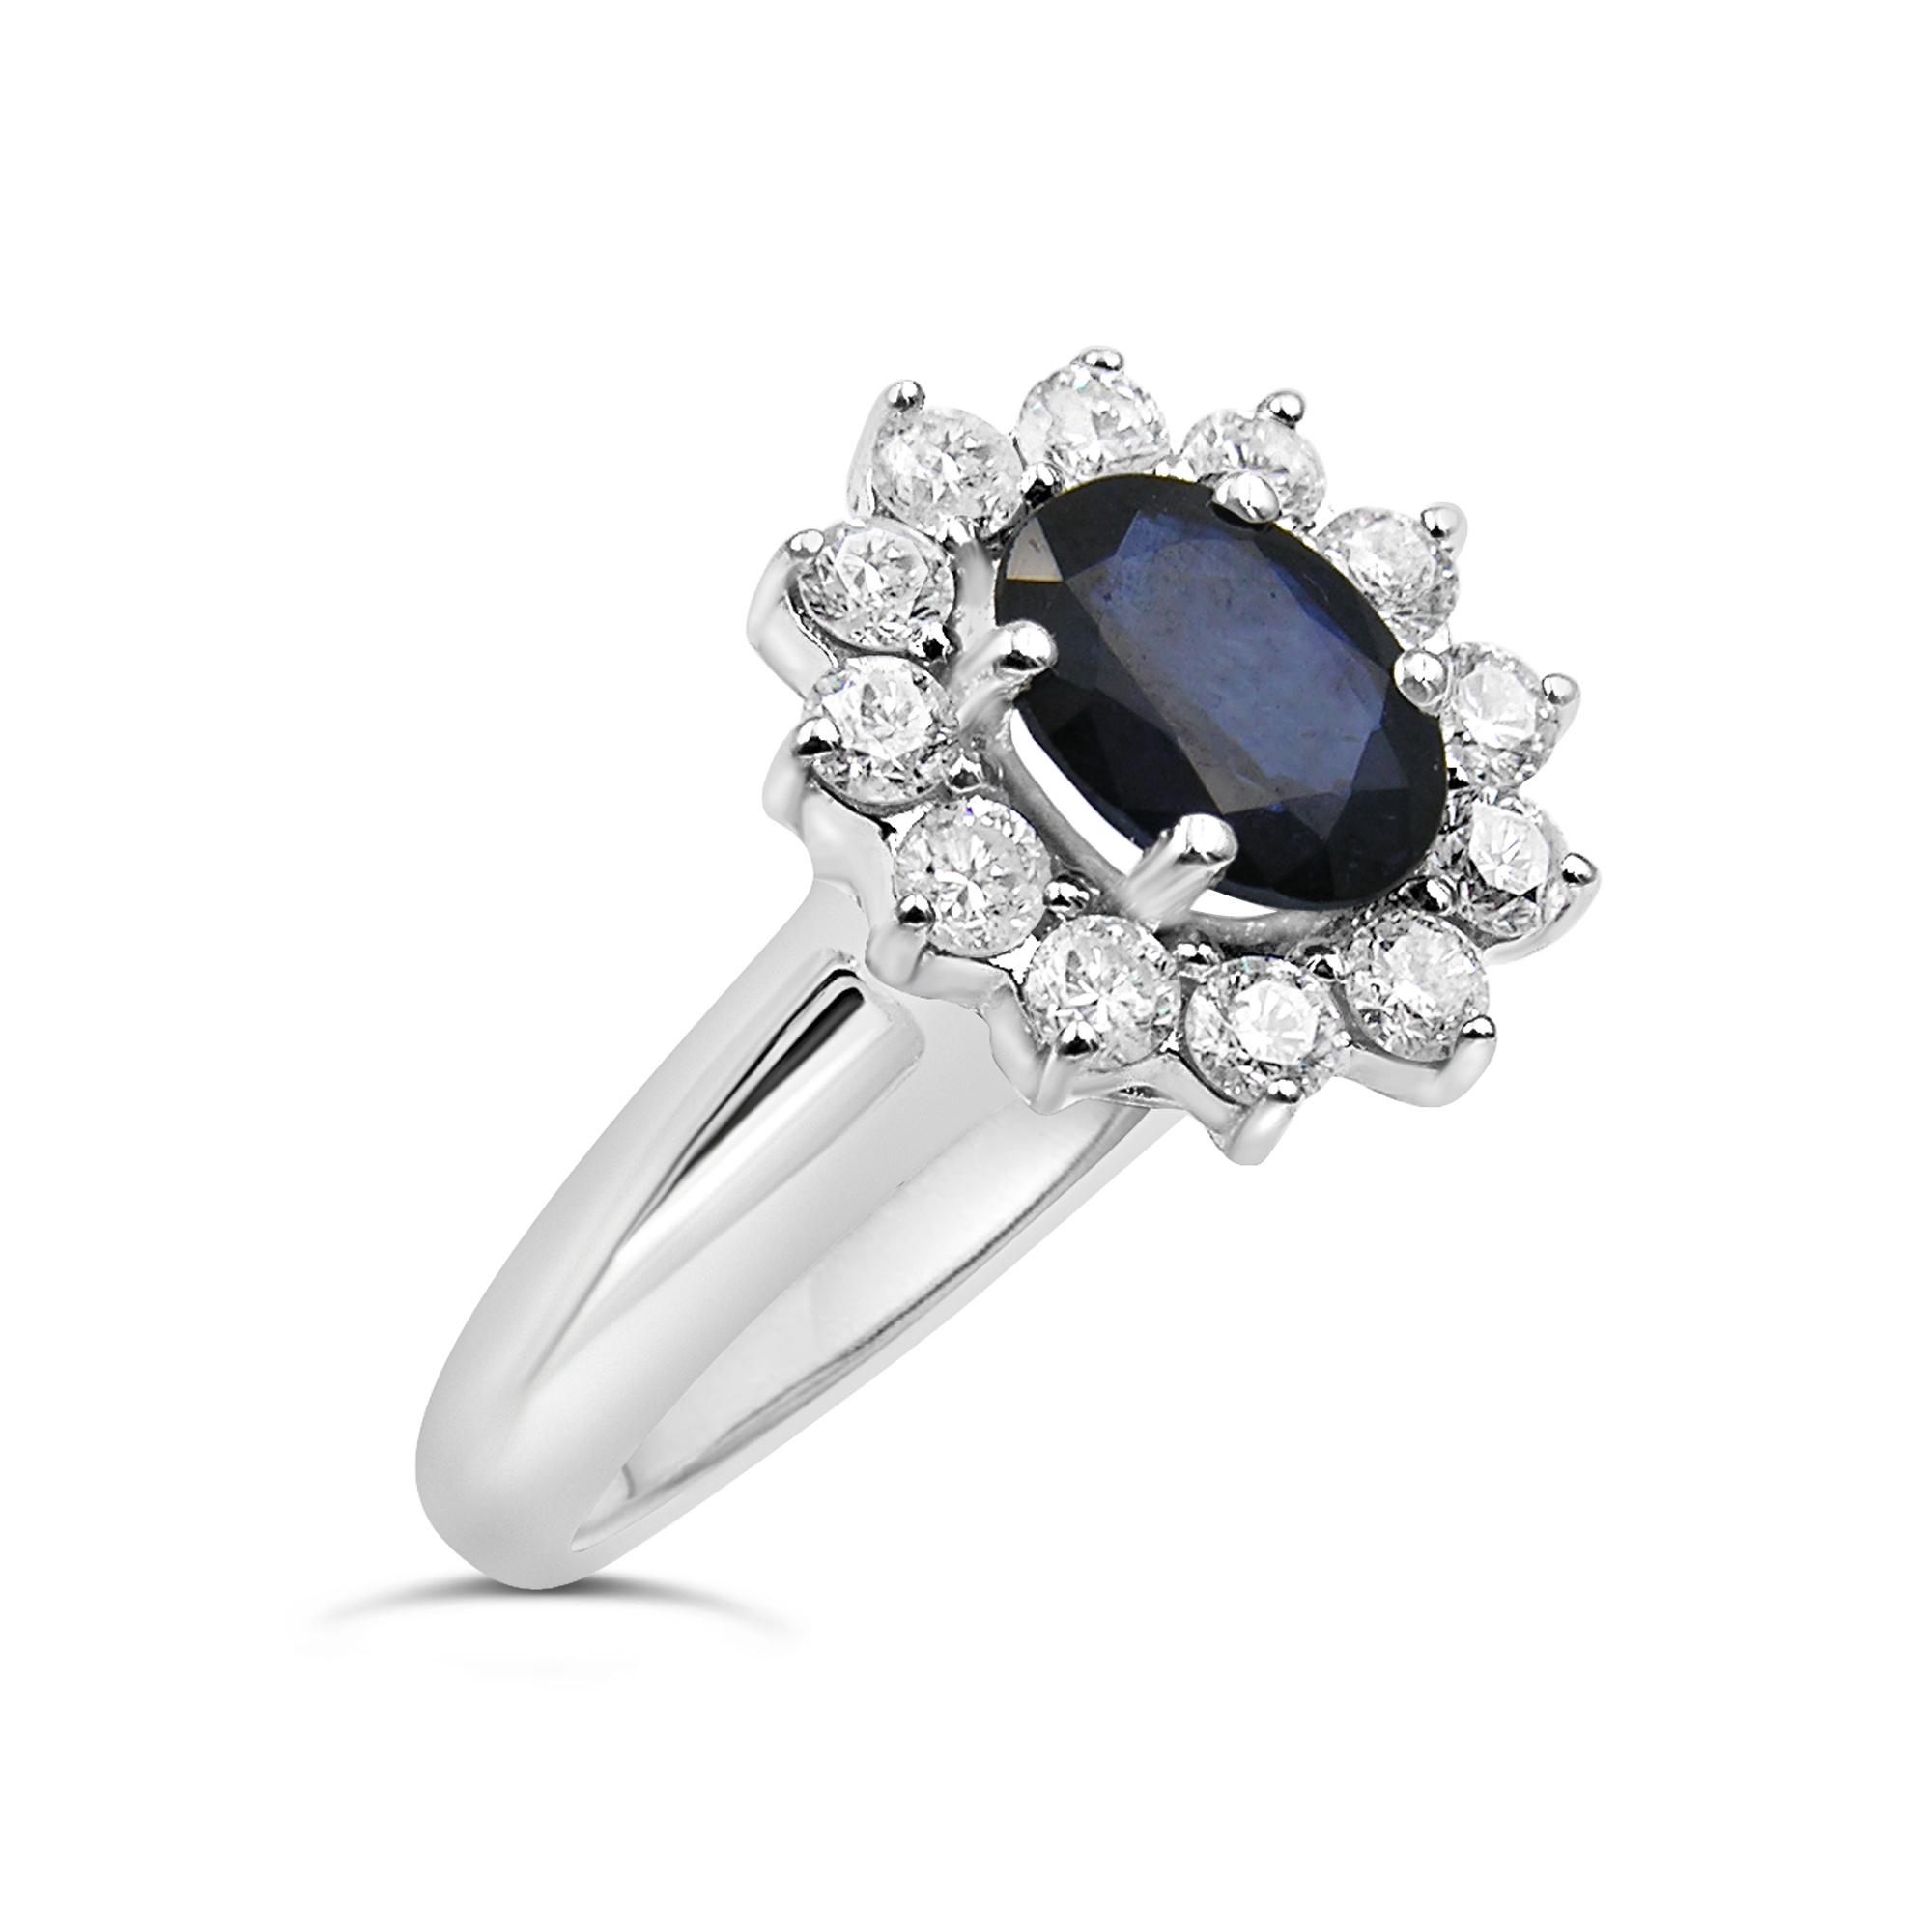 18 karaat wit goud ring met 0.60 ct diamanten & 1.10 ct saffier